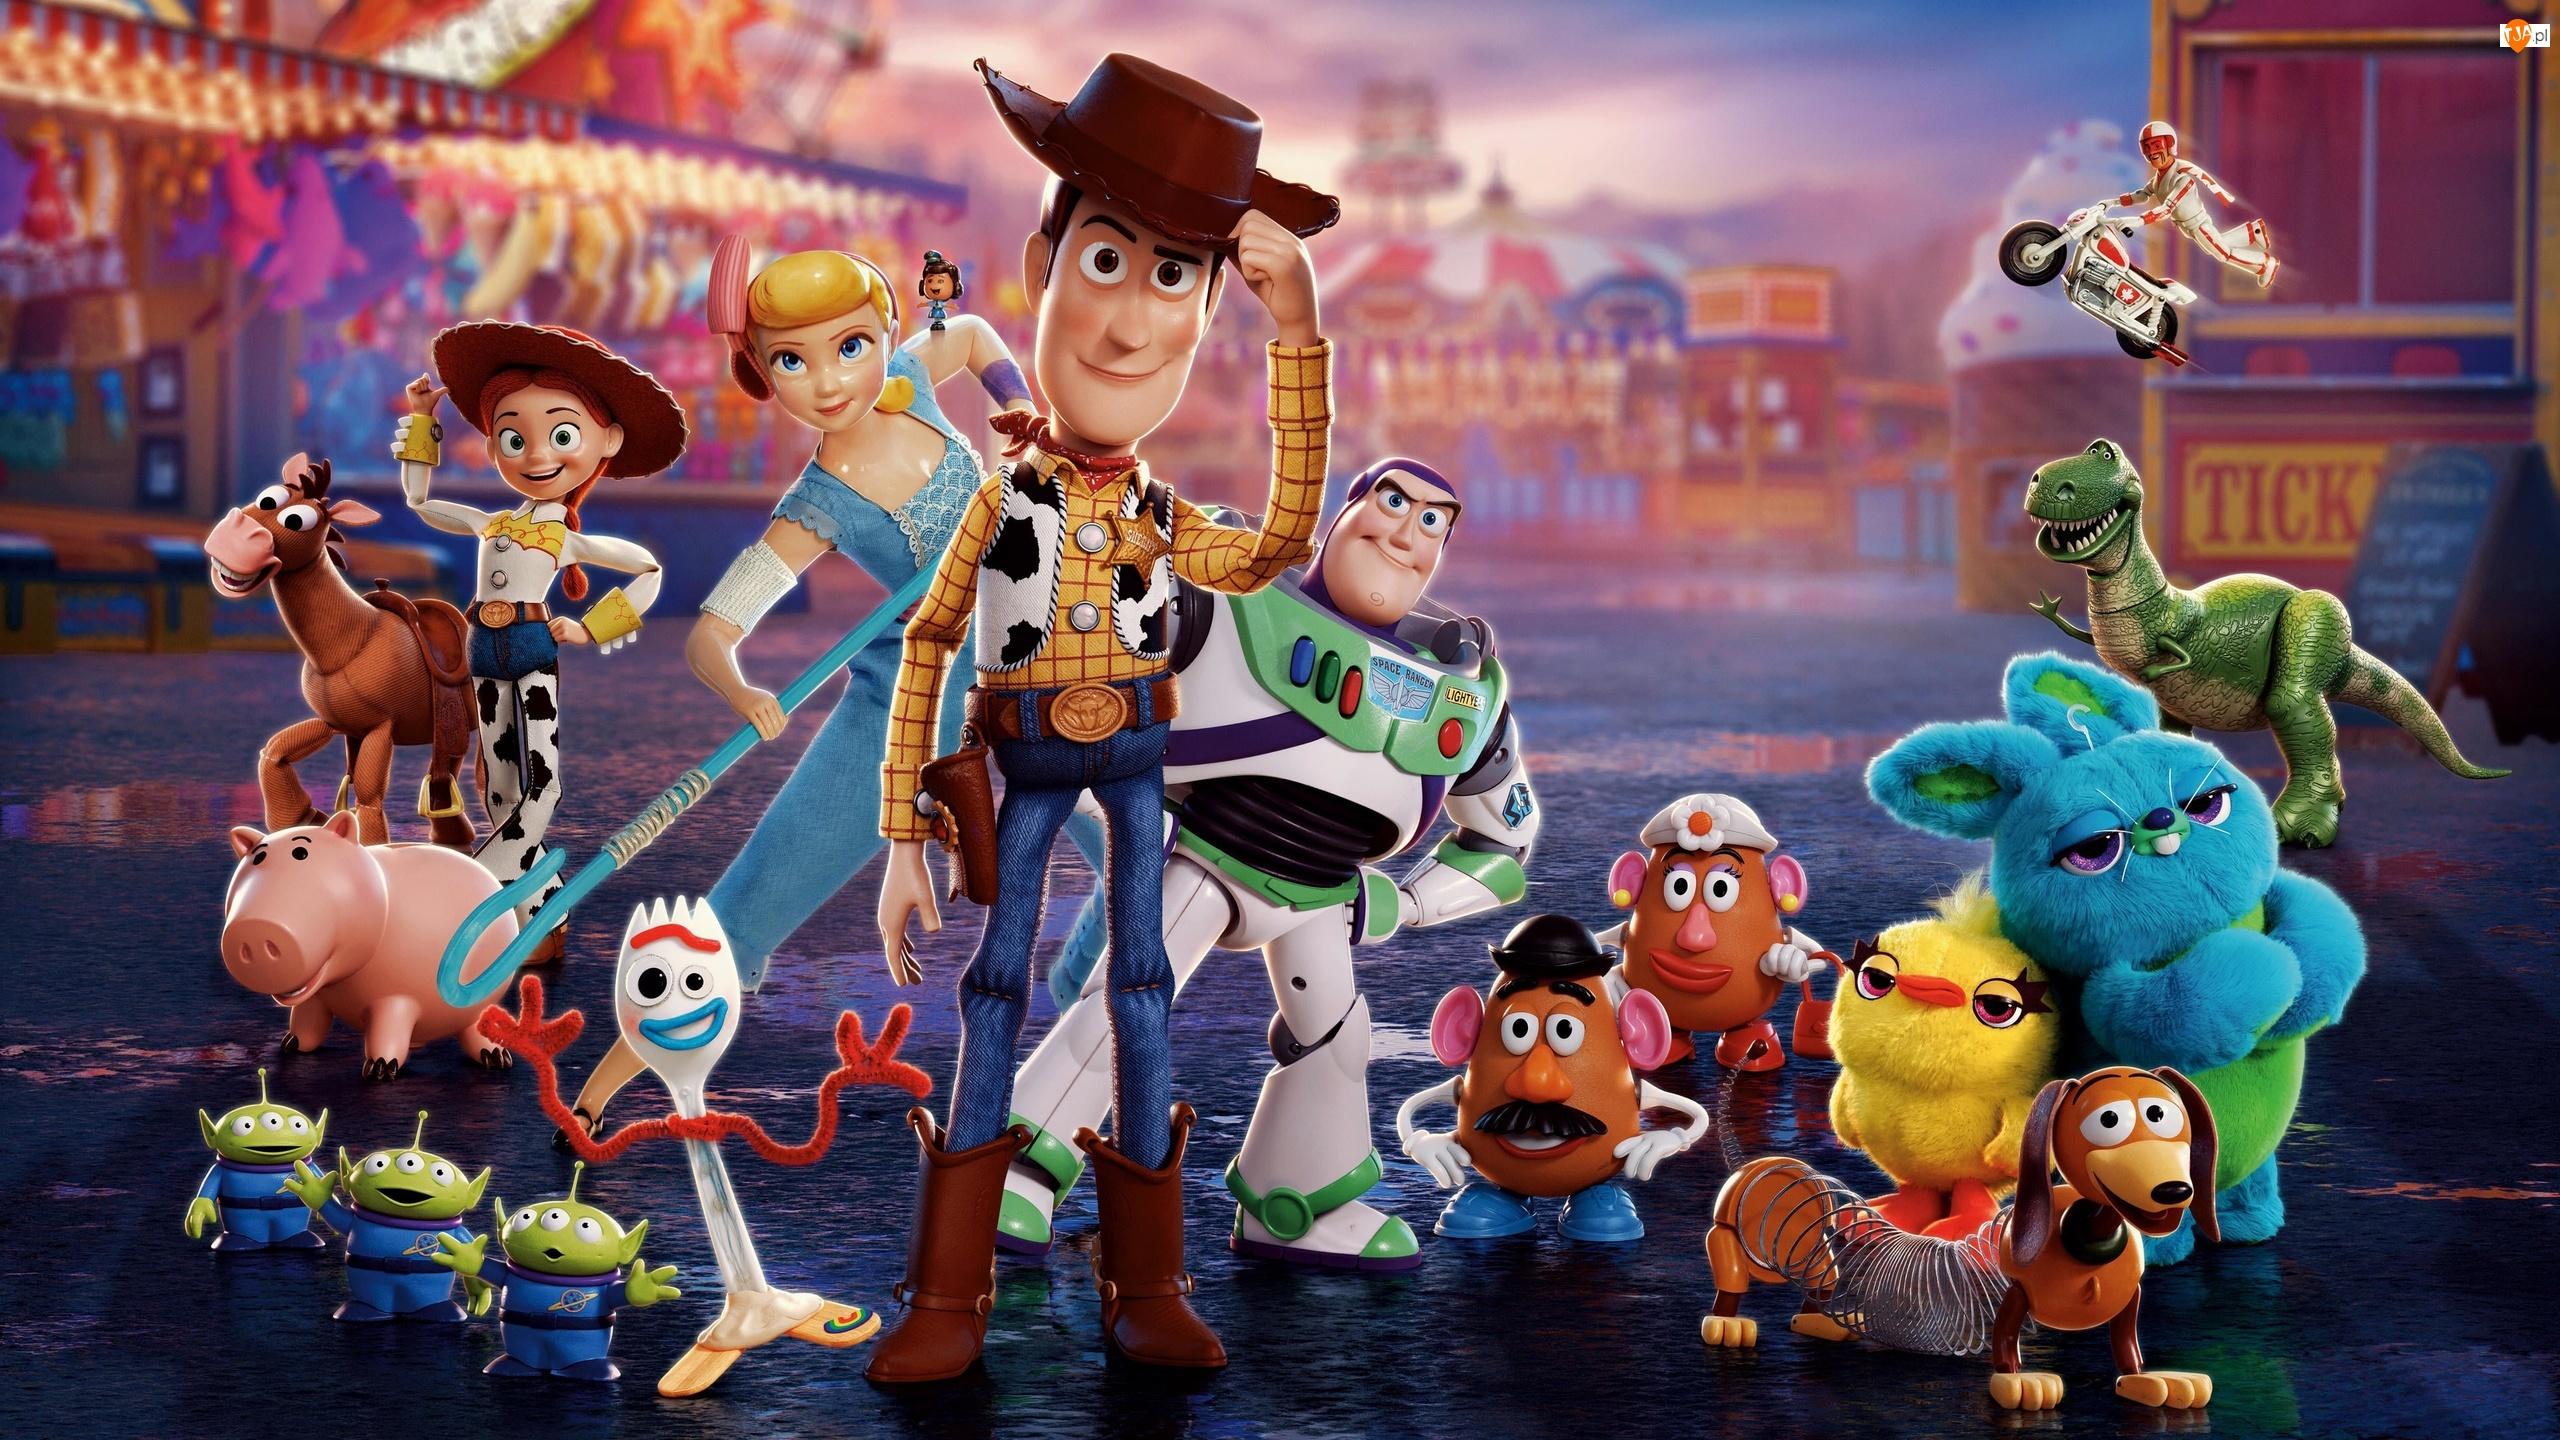 Toy Story 4, Duke Caboom, Kosmici, Ducky, Bo Peep, Forky, Cienk, Laleczka, Chudy, Gabby Gabby, Pan Bulwa, Postacie, Buttercup, Bunny, Buzz Astral, Film animowany, Bonnie